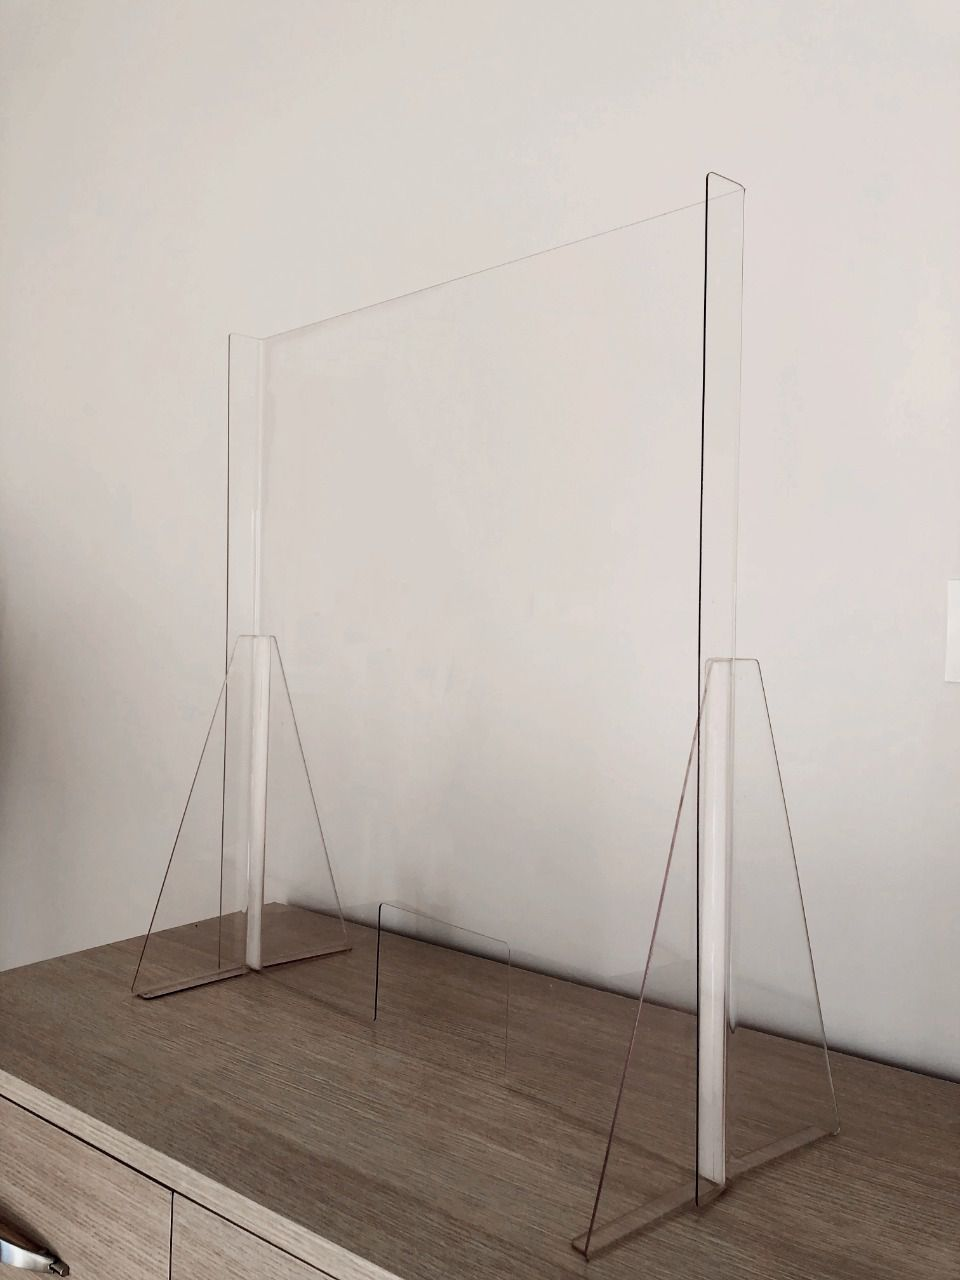 Barreira protetora COVID-19 | 60cm x 80cm